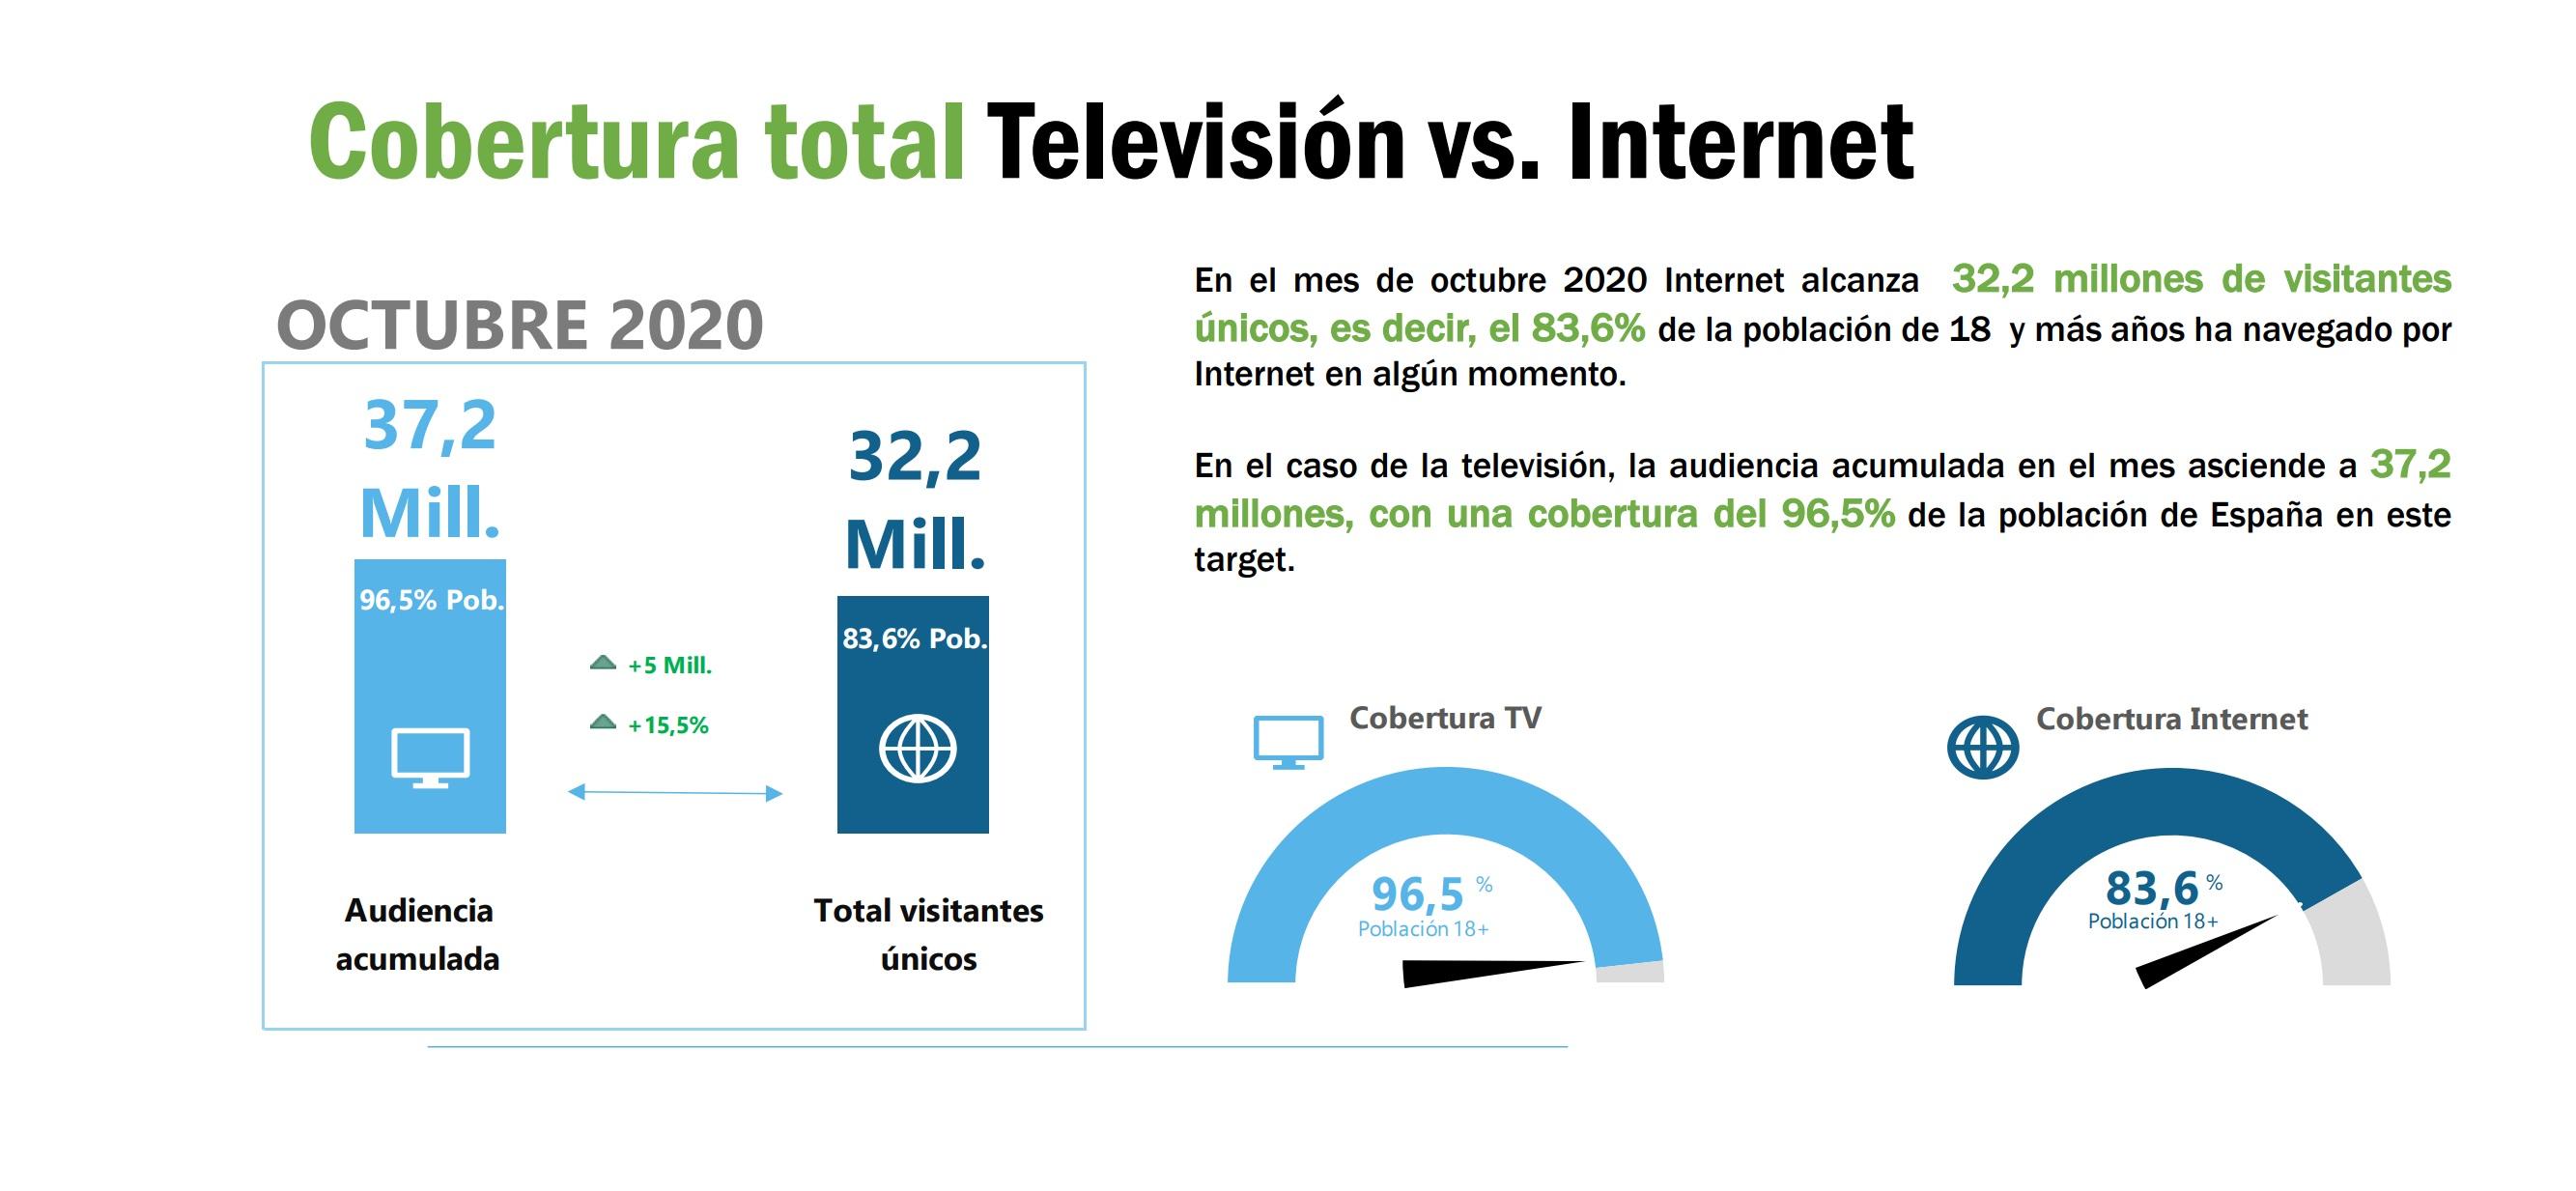 https://www.programapublicidad.com/wp-content/uploads/2020/11/Consumo-diario-Internet-Televisión-Octubre-2020-barloventoprogramapublicidad-2.jpg